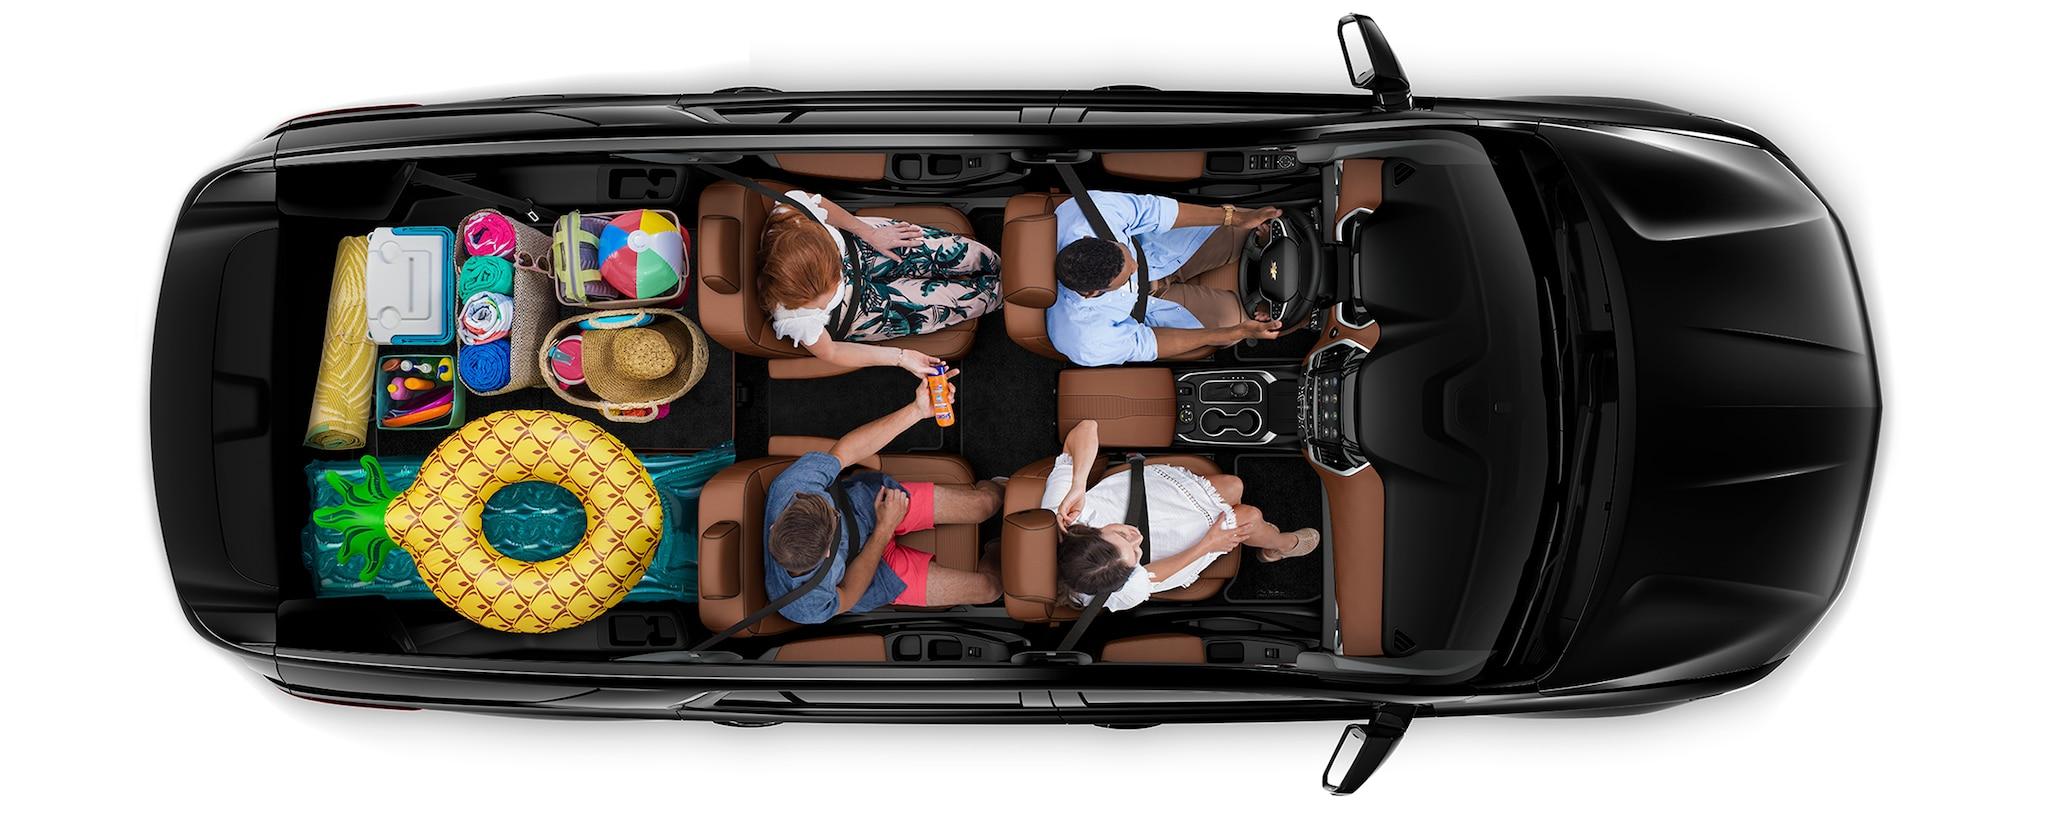 Área de carga de la SUV mediana Traverse 2020: viaje a la playa